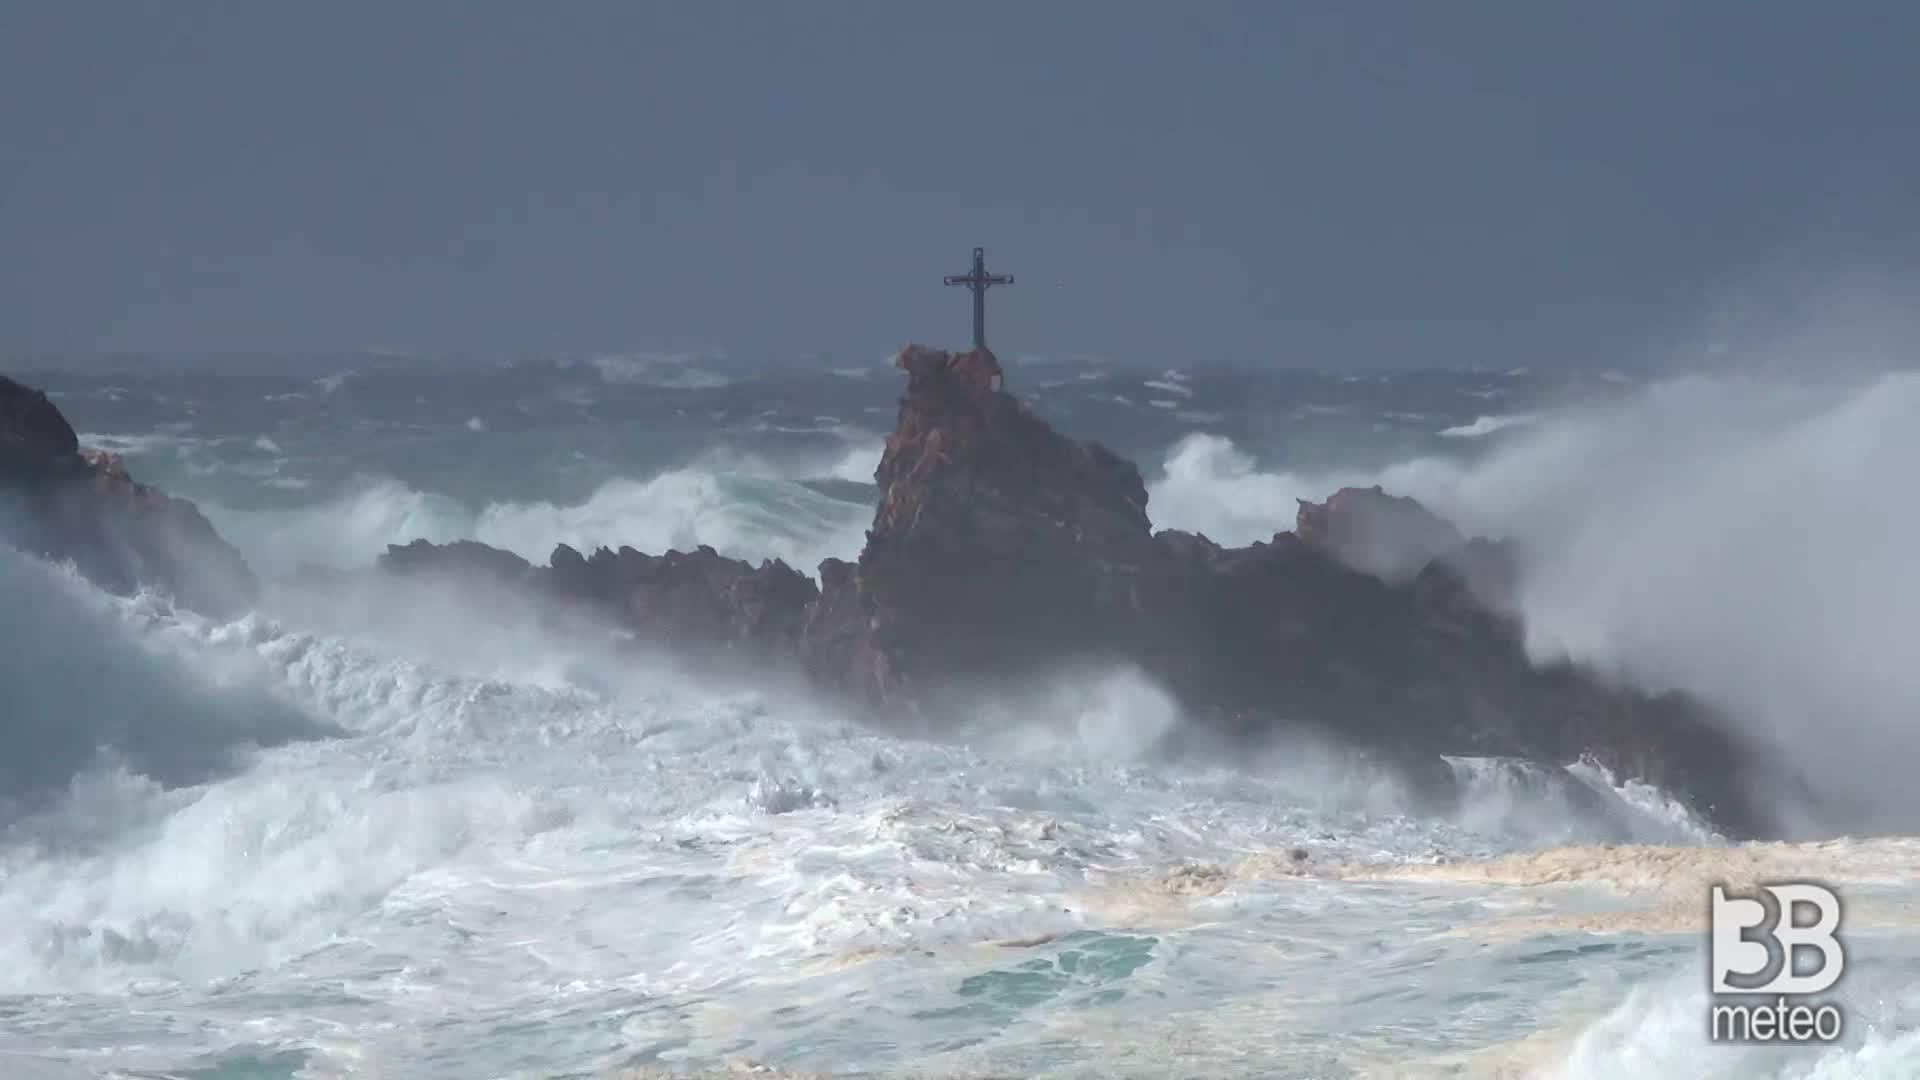 Sardegna, mare tempestoso: le immagini da Argentiera